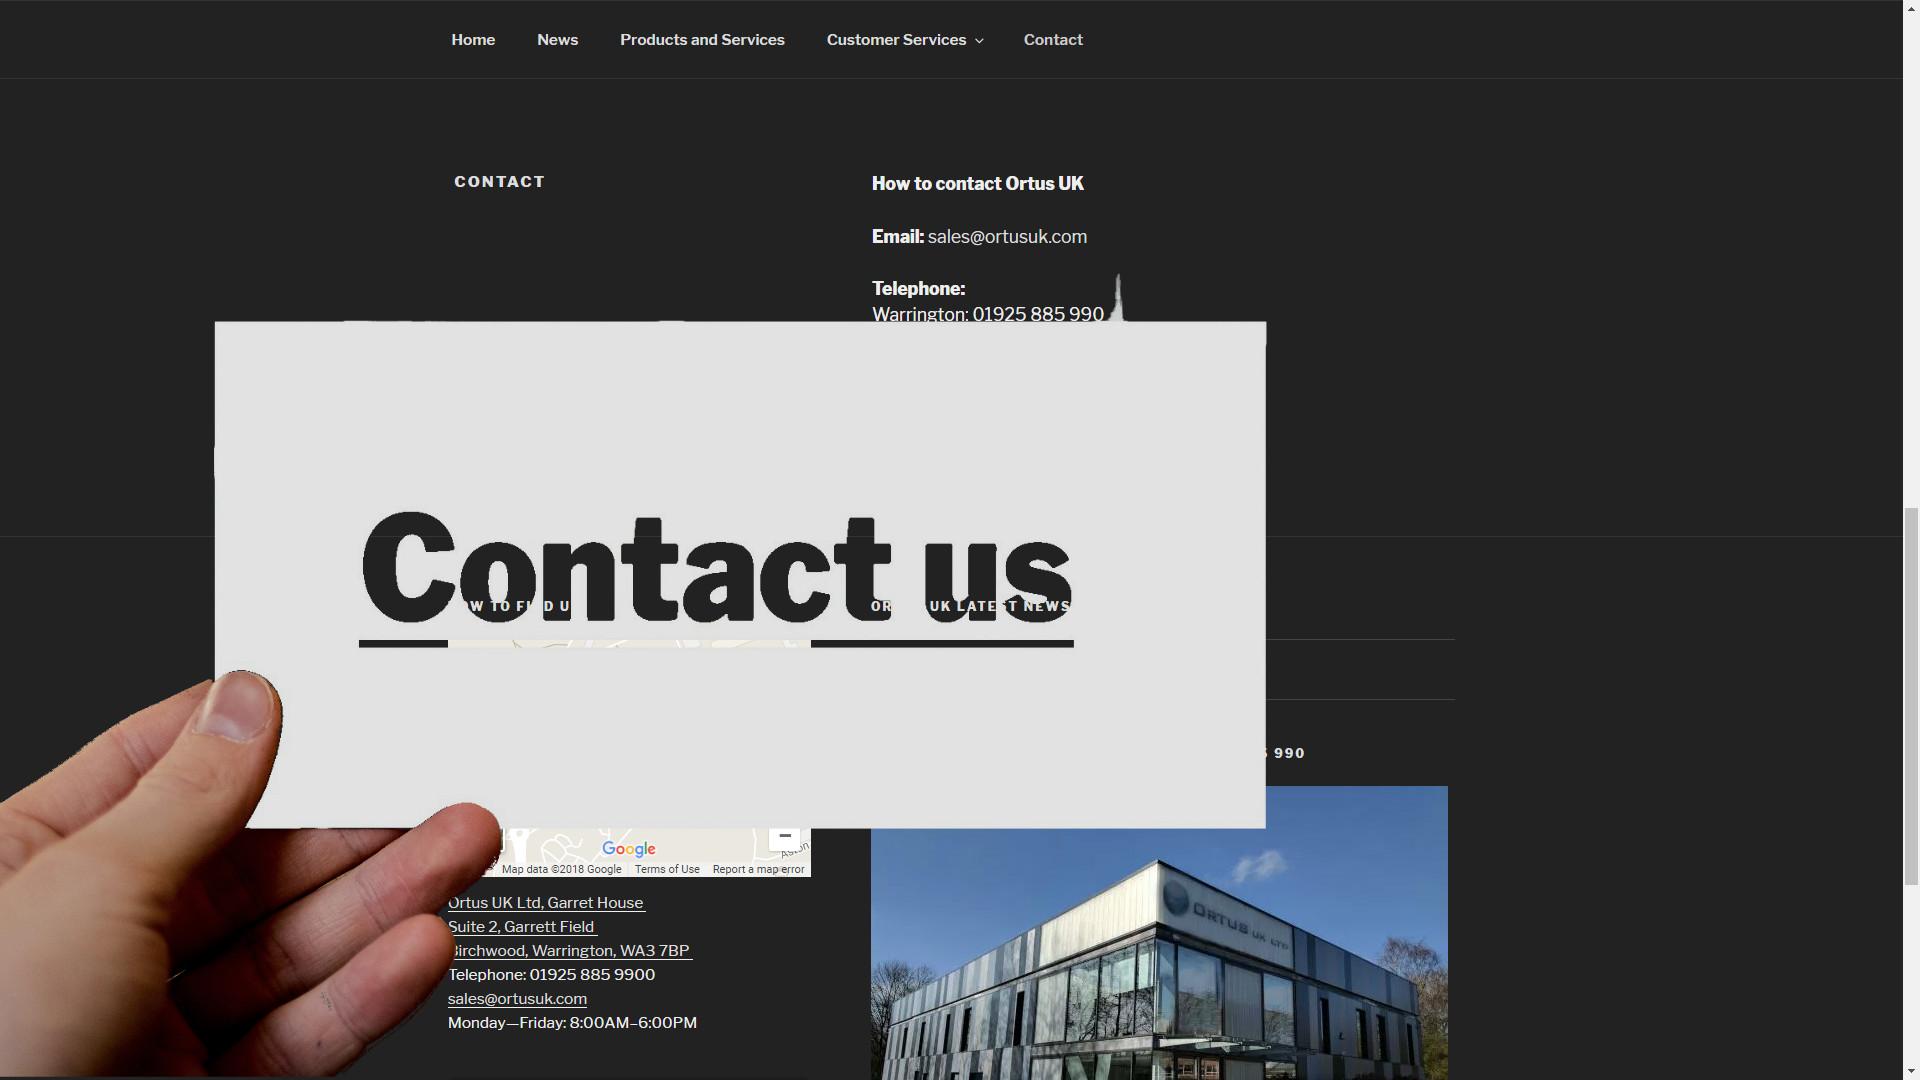 Ortus UK Contact us